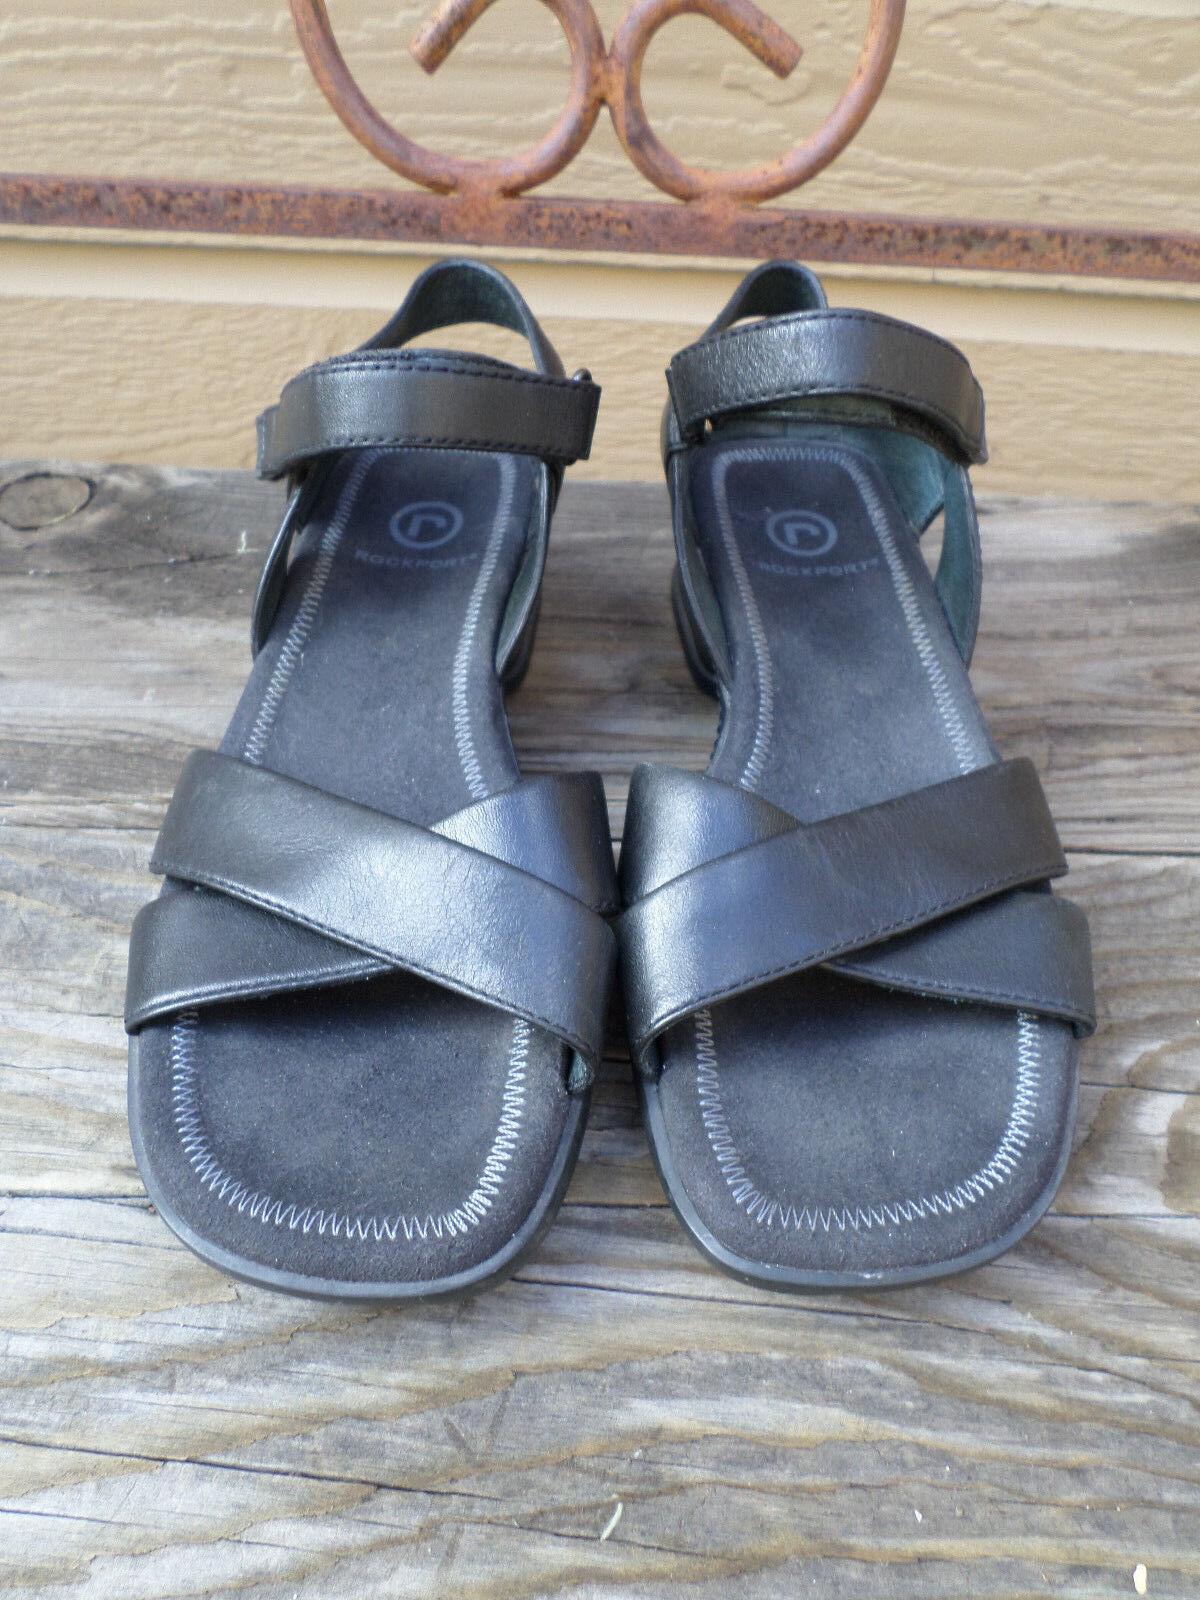 Rockport Black Black Rockport Leather Sandals Women's 6 M 7eddeb